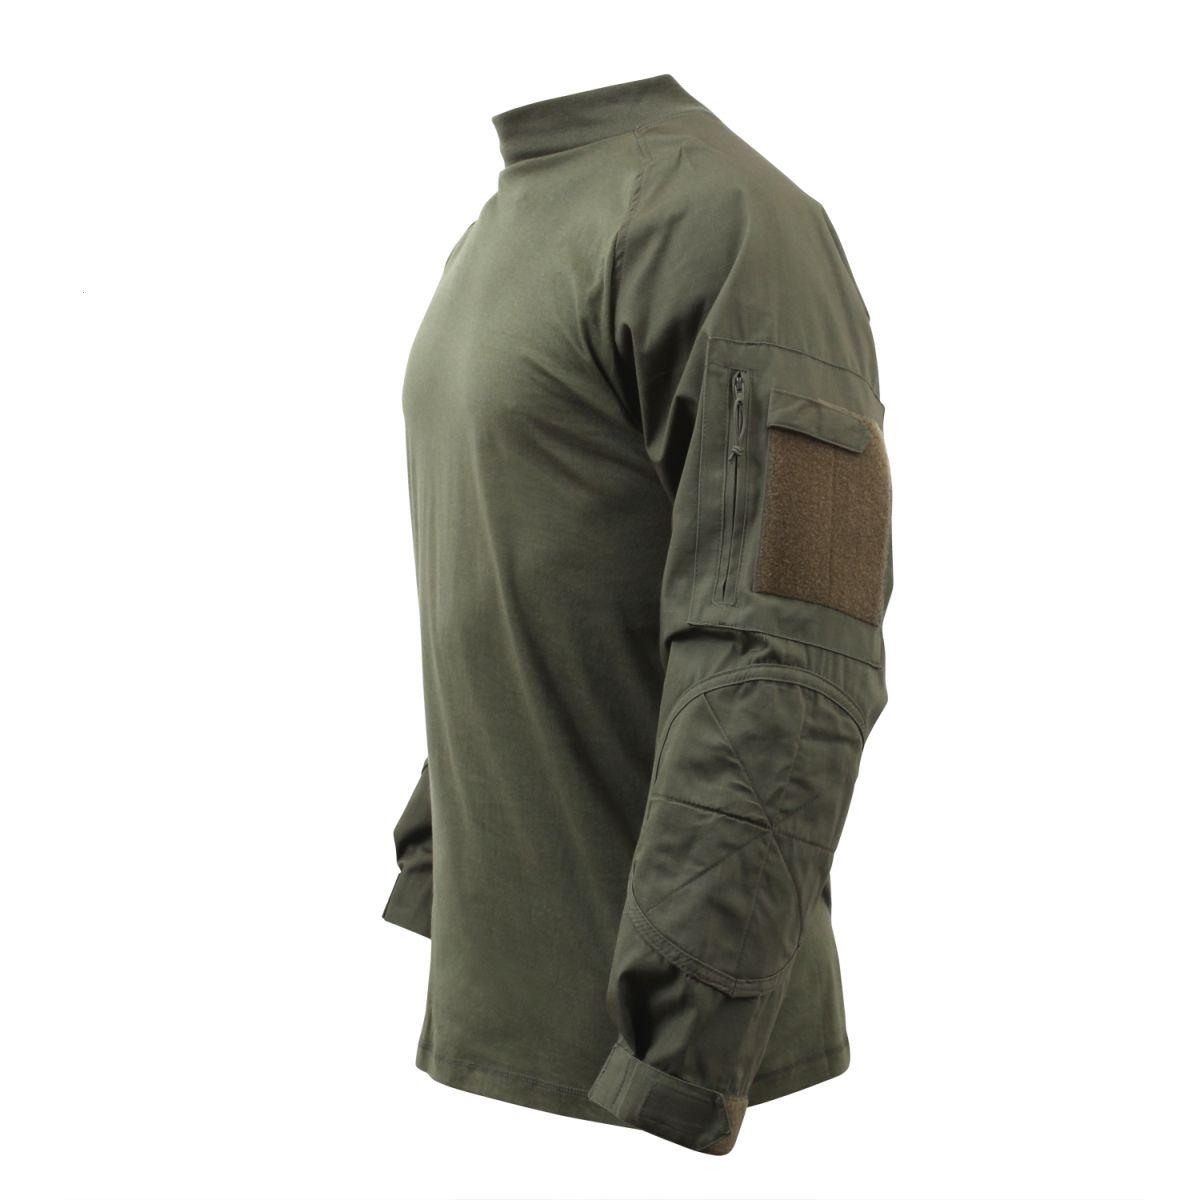 Košile COMBAT taktická ZELENÁ ROTHCO 90015 L-11